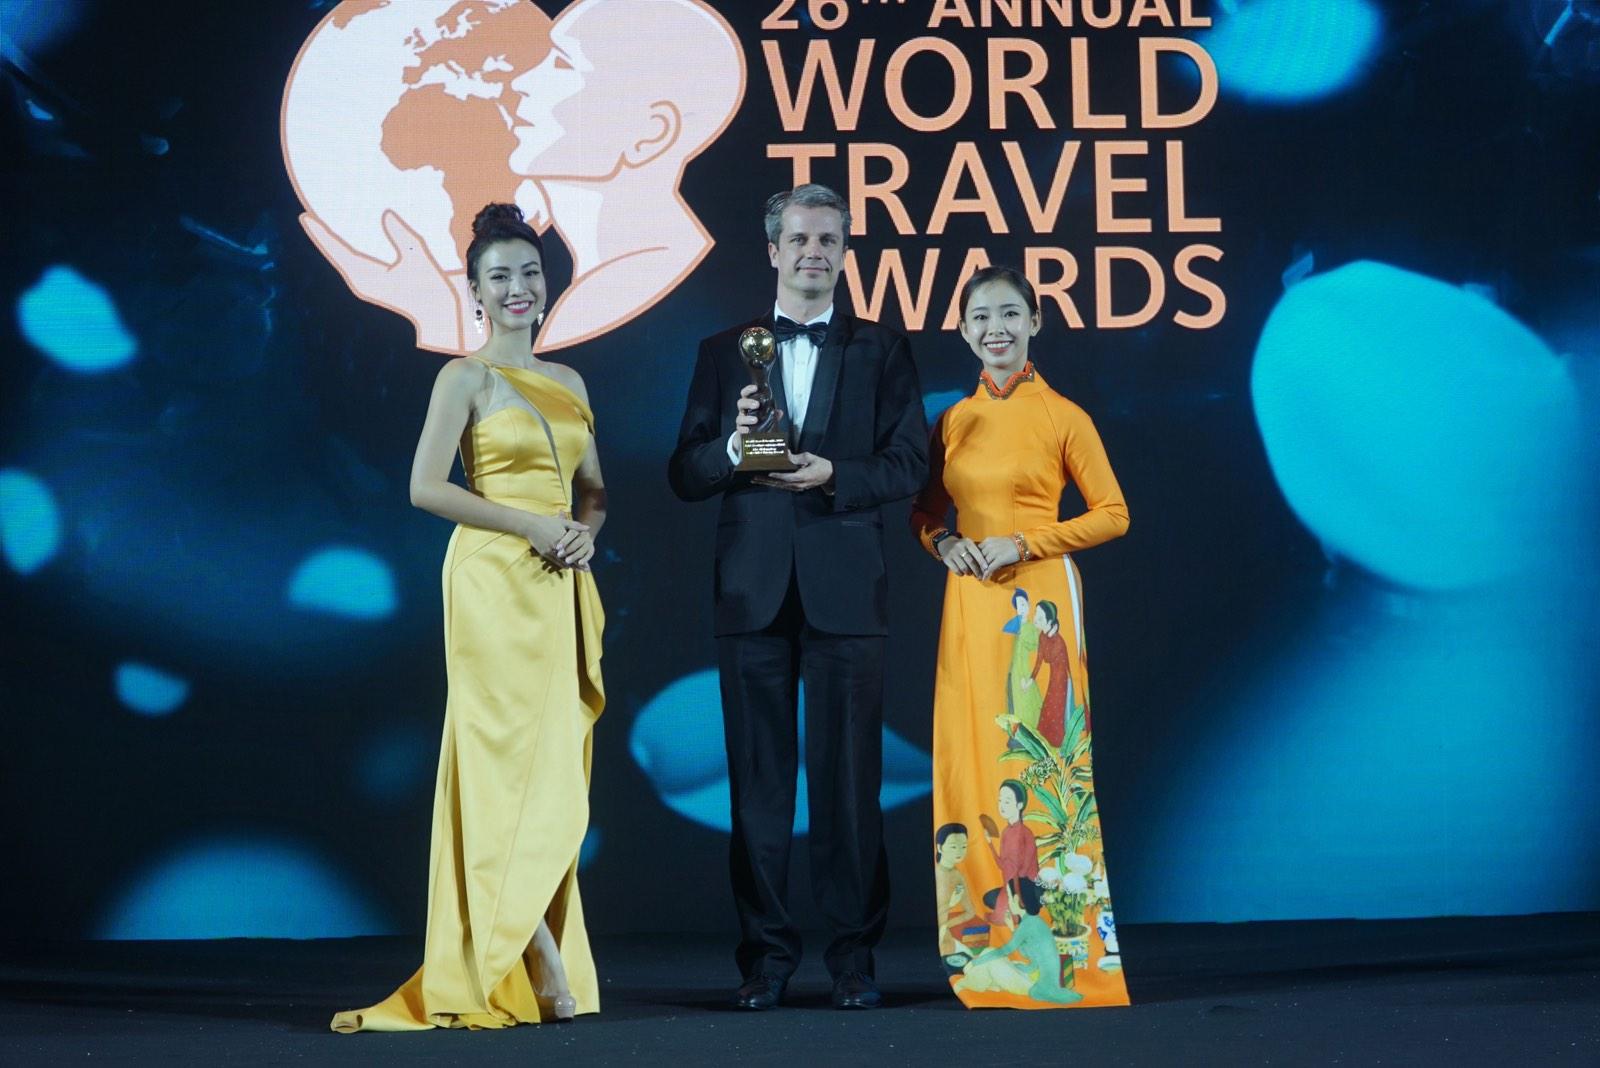 Hệ thống nghỉ dưỡng của tập đoàn FLC giành cú đúp tại World Travel Awards 2019  - Ảnh 1